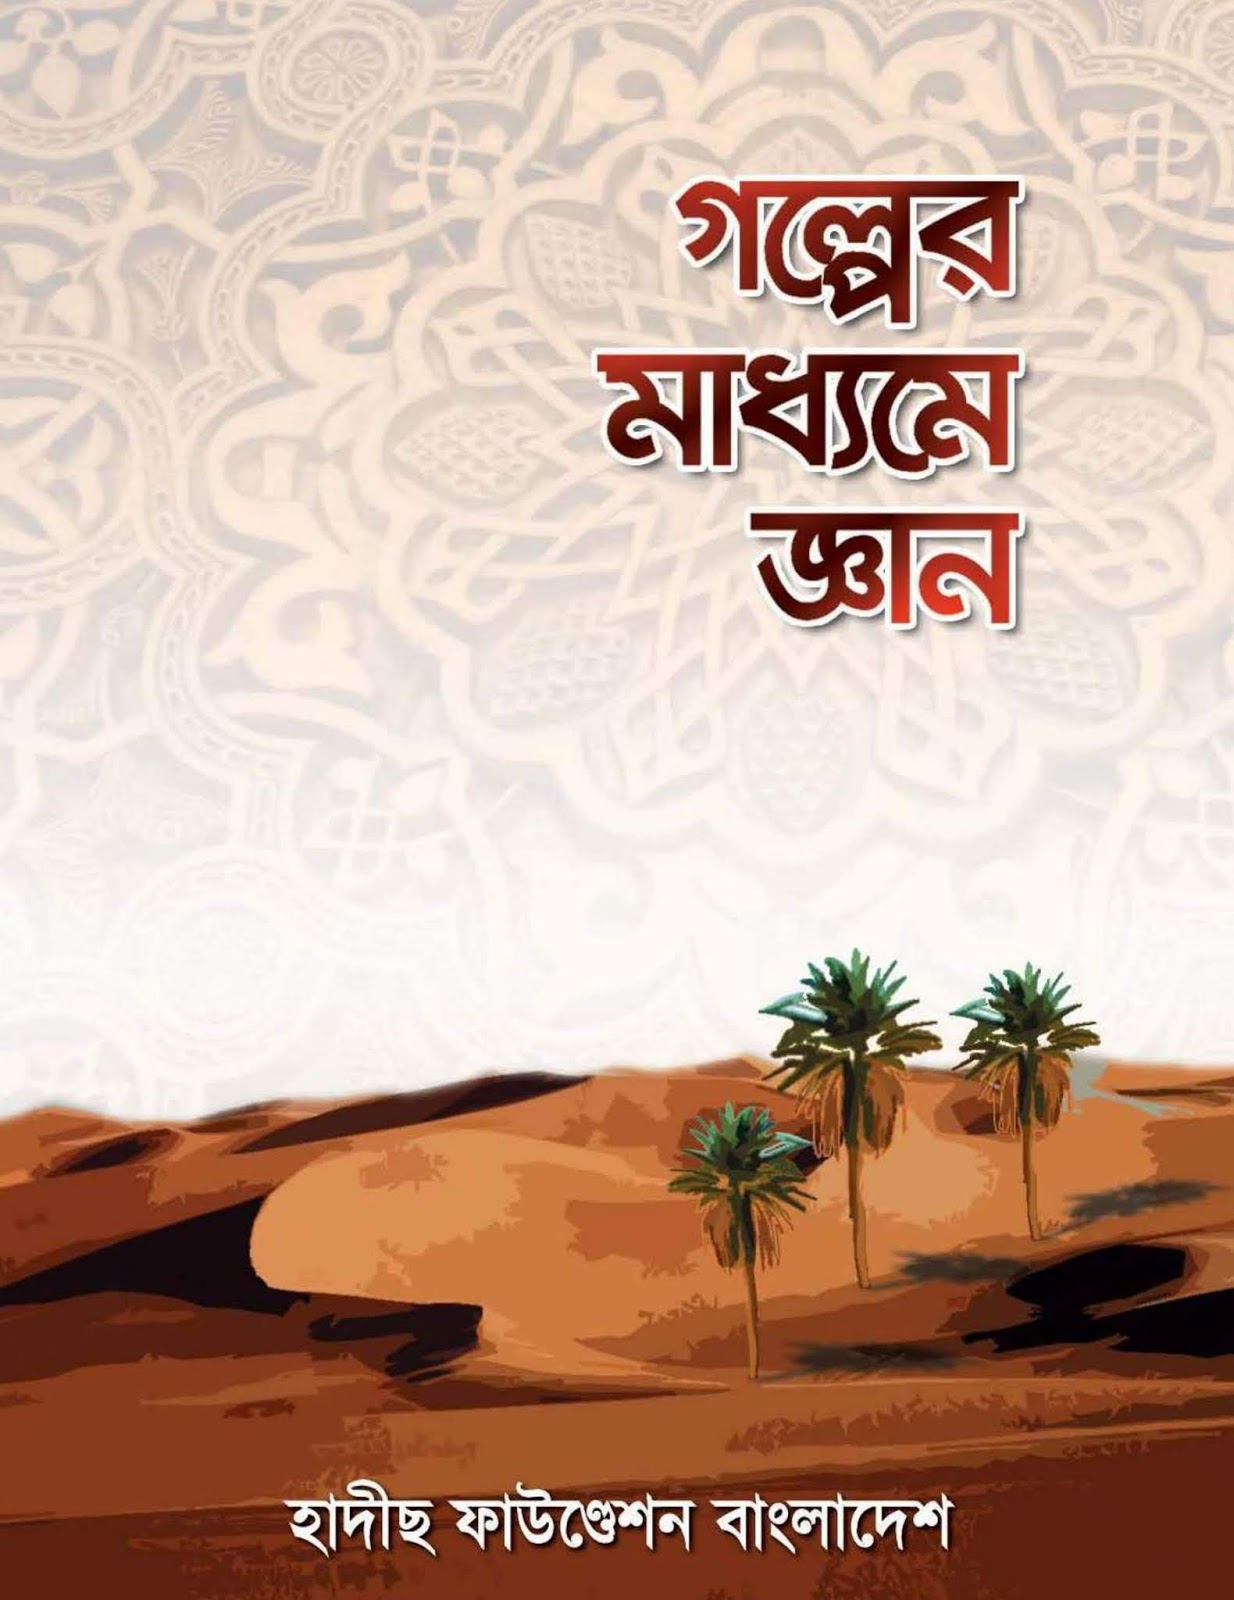 ইসলামিক গল্প বই pdf Download,শিক্ষনীয় গল্প pdf,ইসলামিক গল্পের বই pdf,গল্পের বই pdf,গল্পের মাধ্যমে জ্ঞান pdf Download